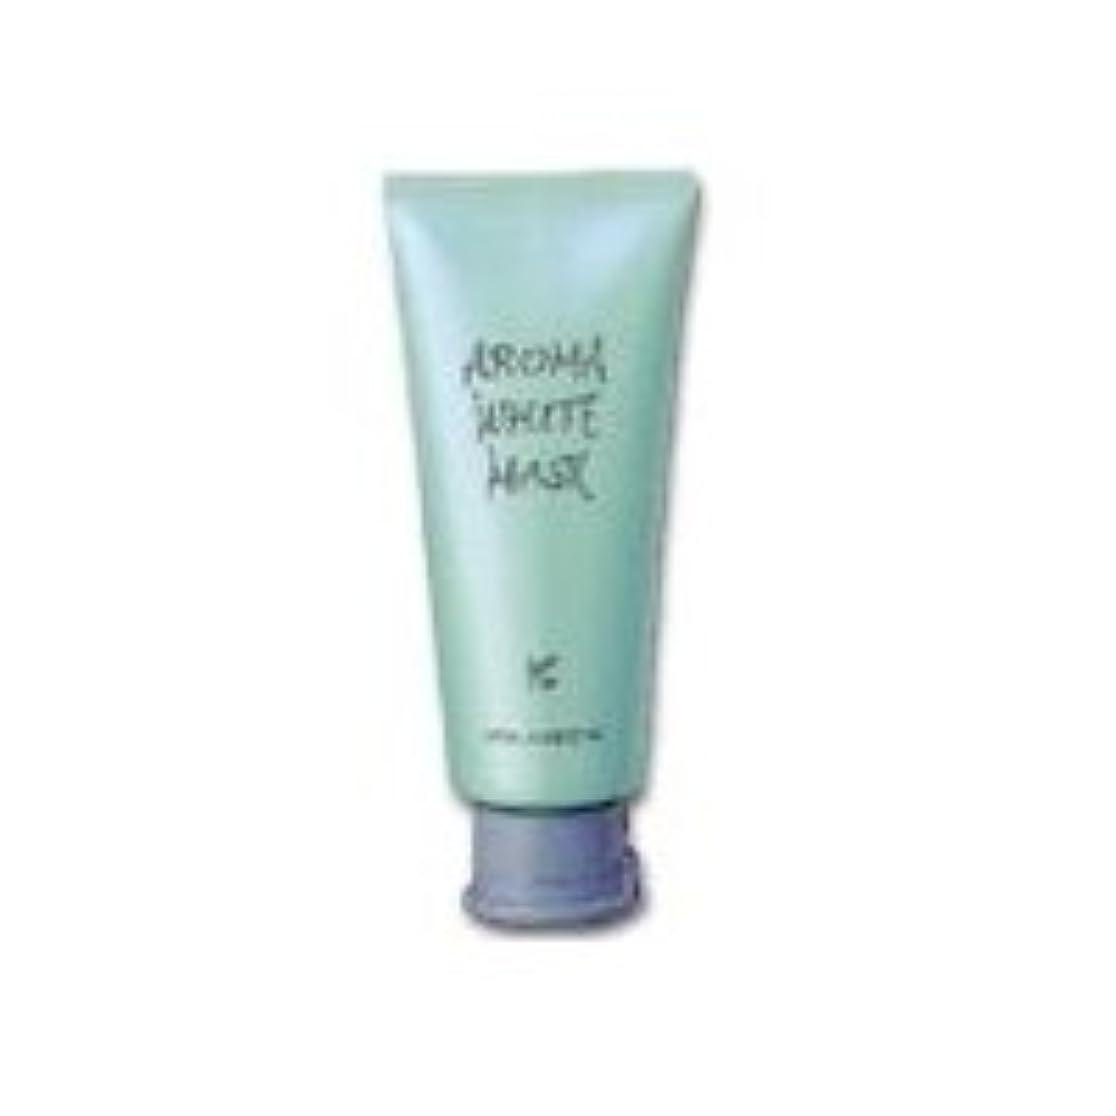 添加剤森パワーセルジュポン化粧品 アロマホワイトマスク 100g